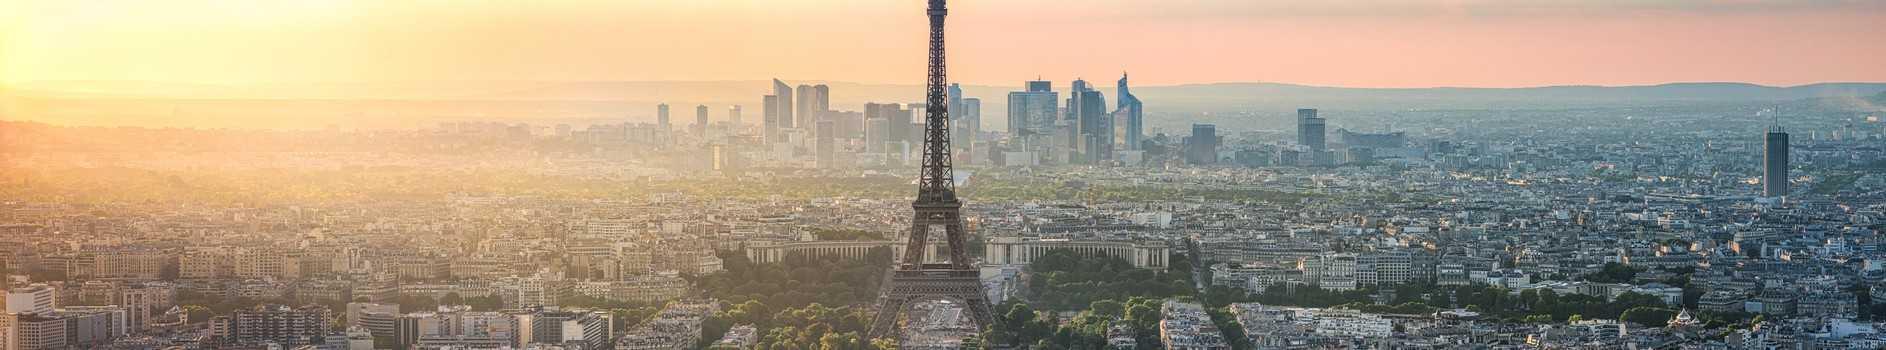 Paris et tour eiffel vue du ciel